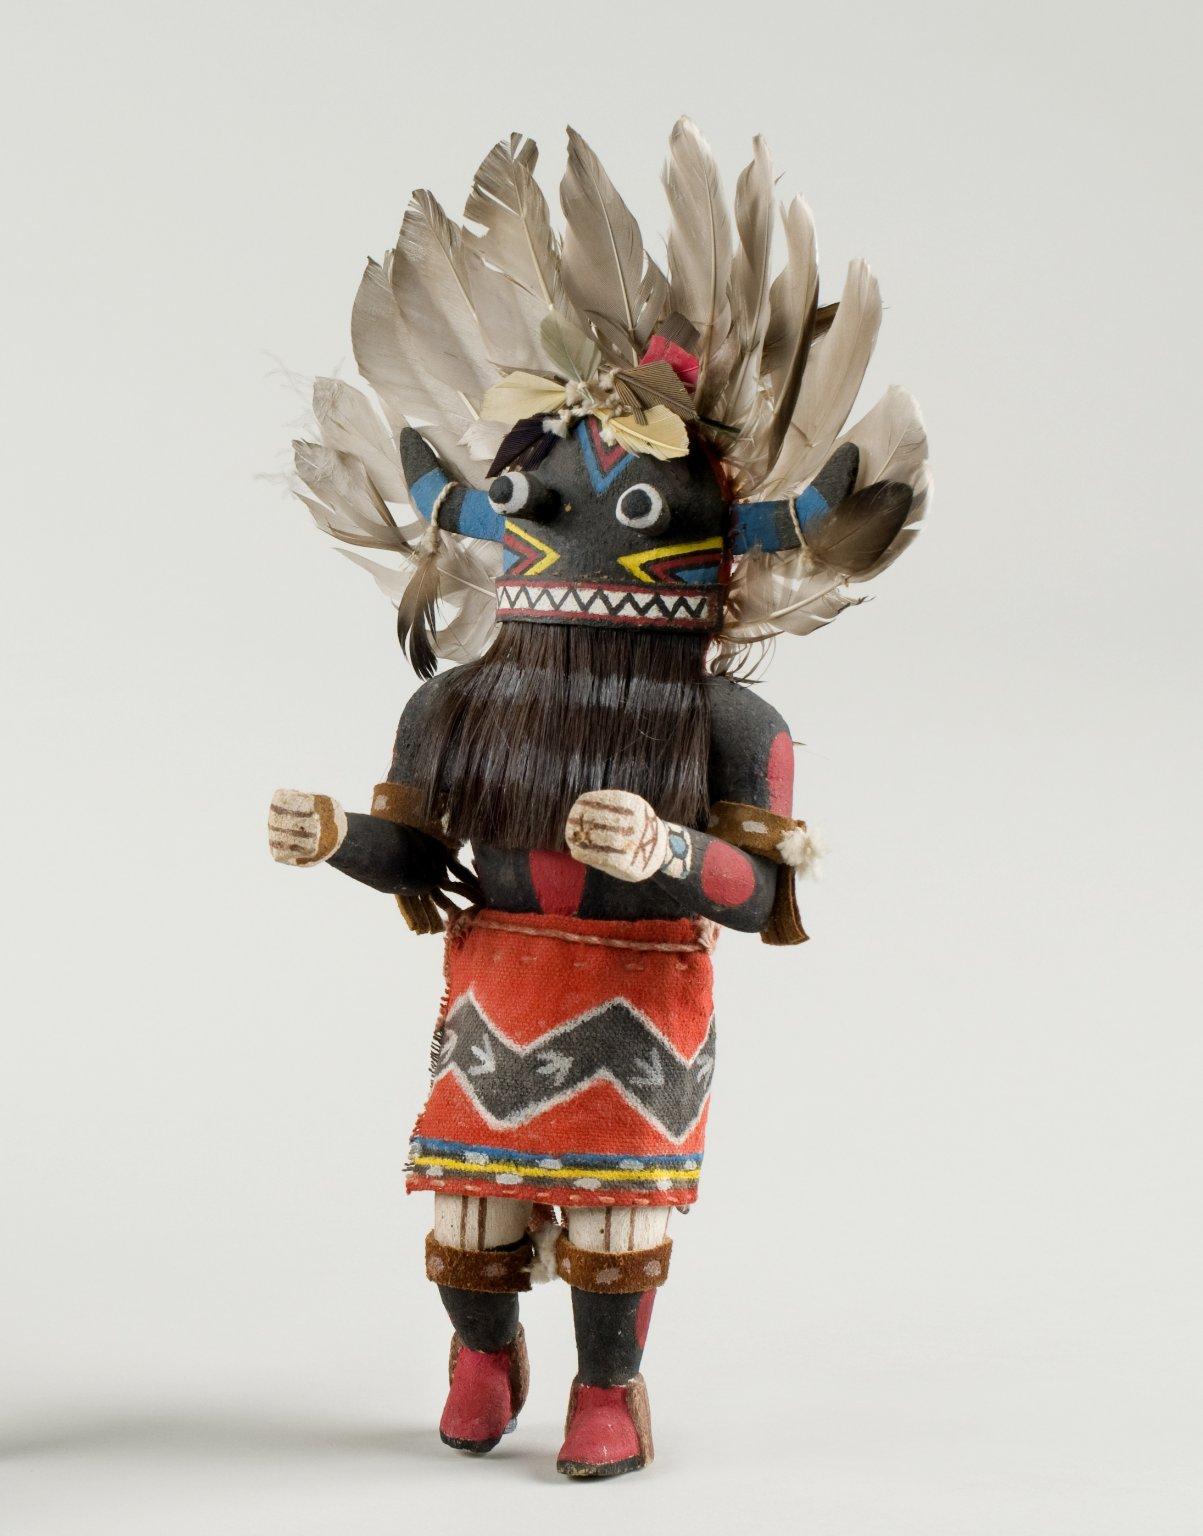 Wuyak-ku-ita Kachina Doll